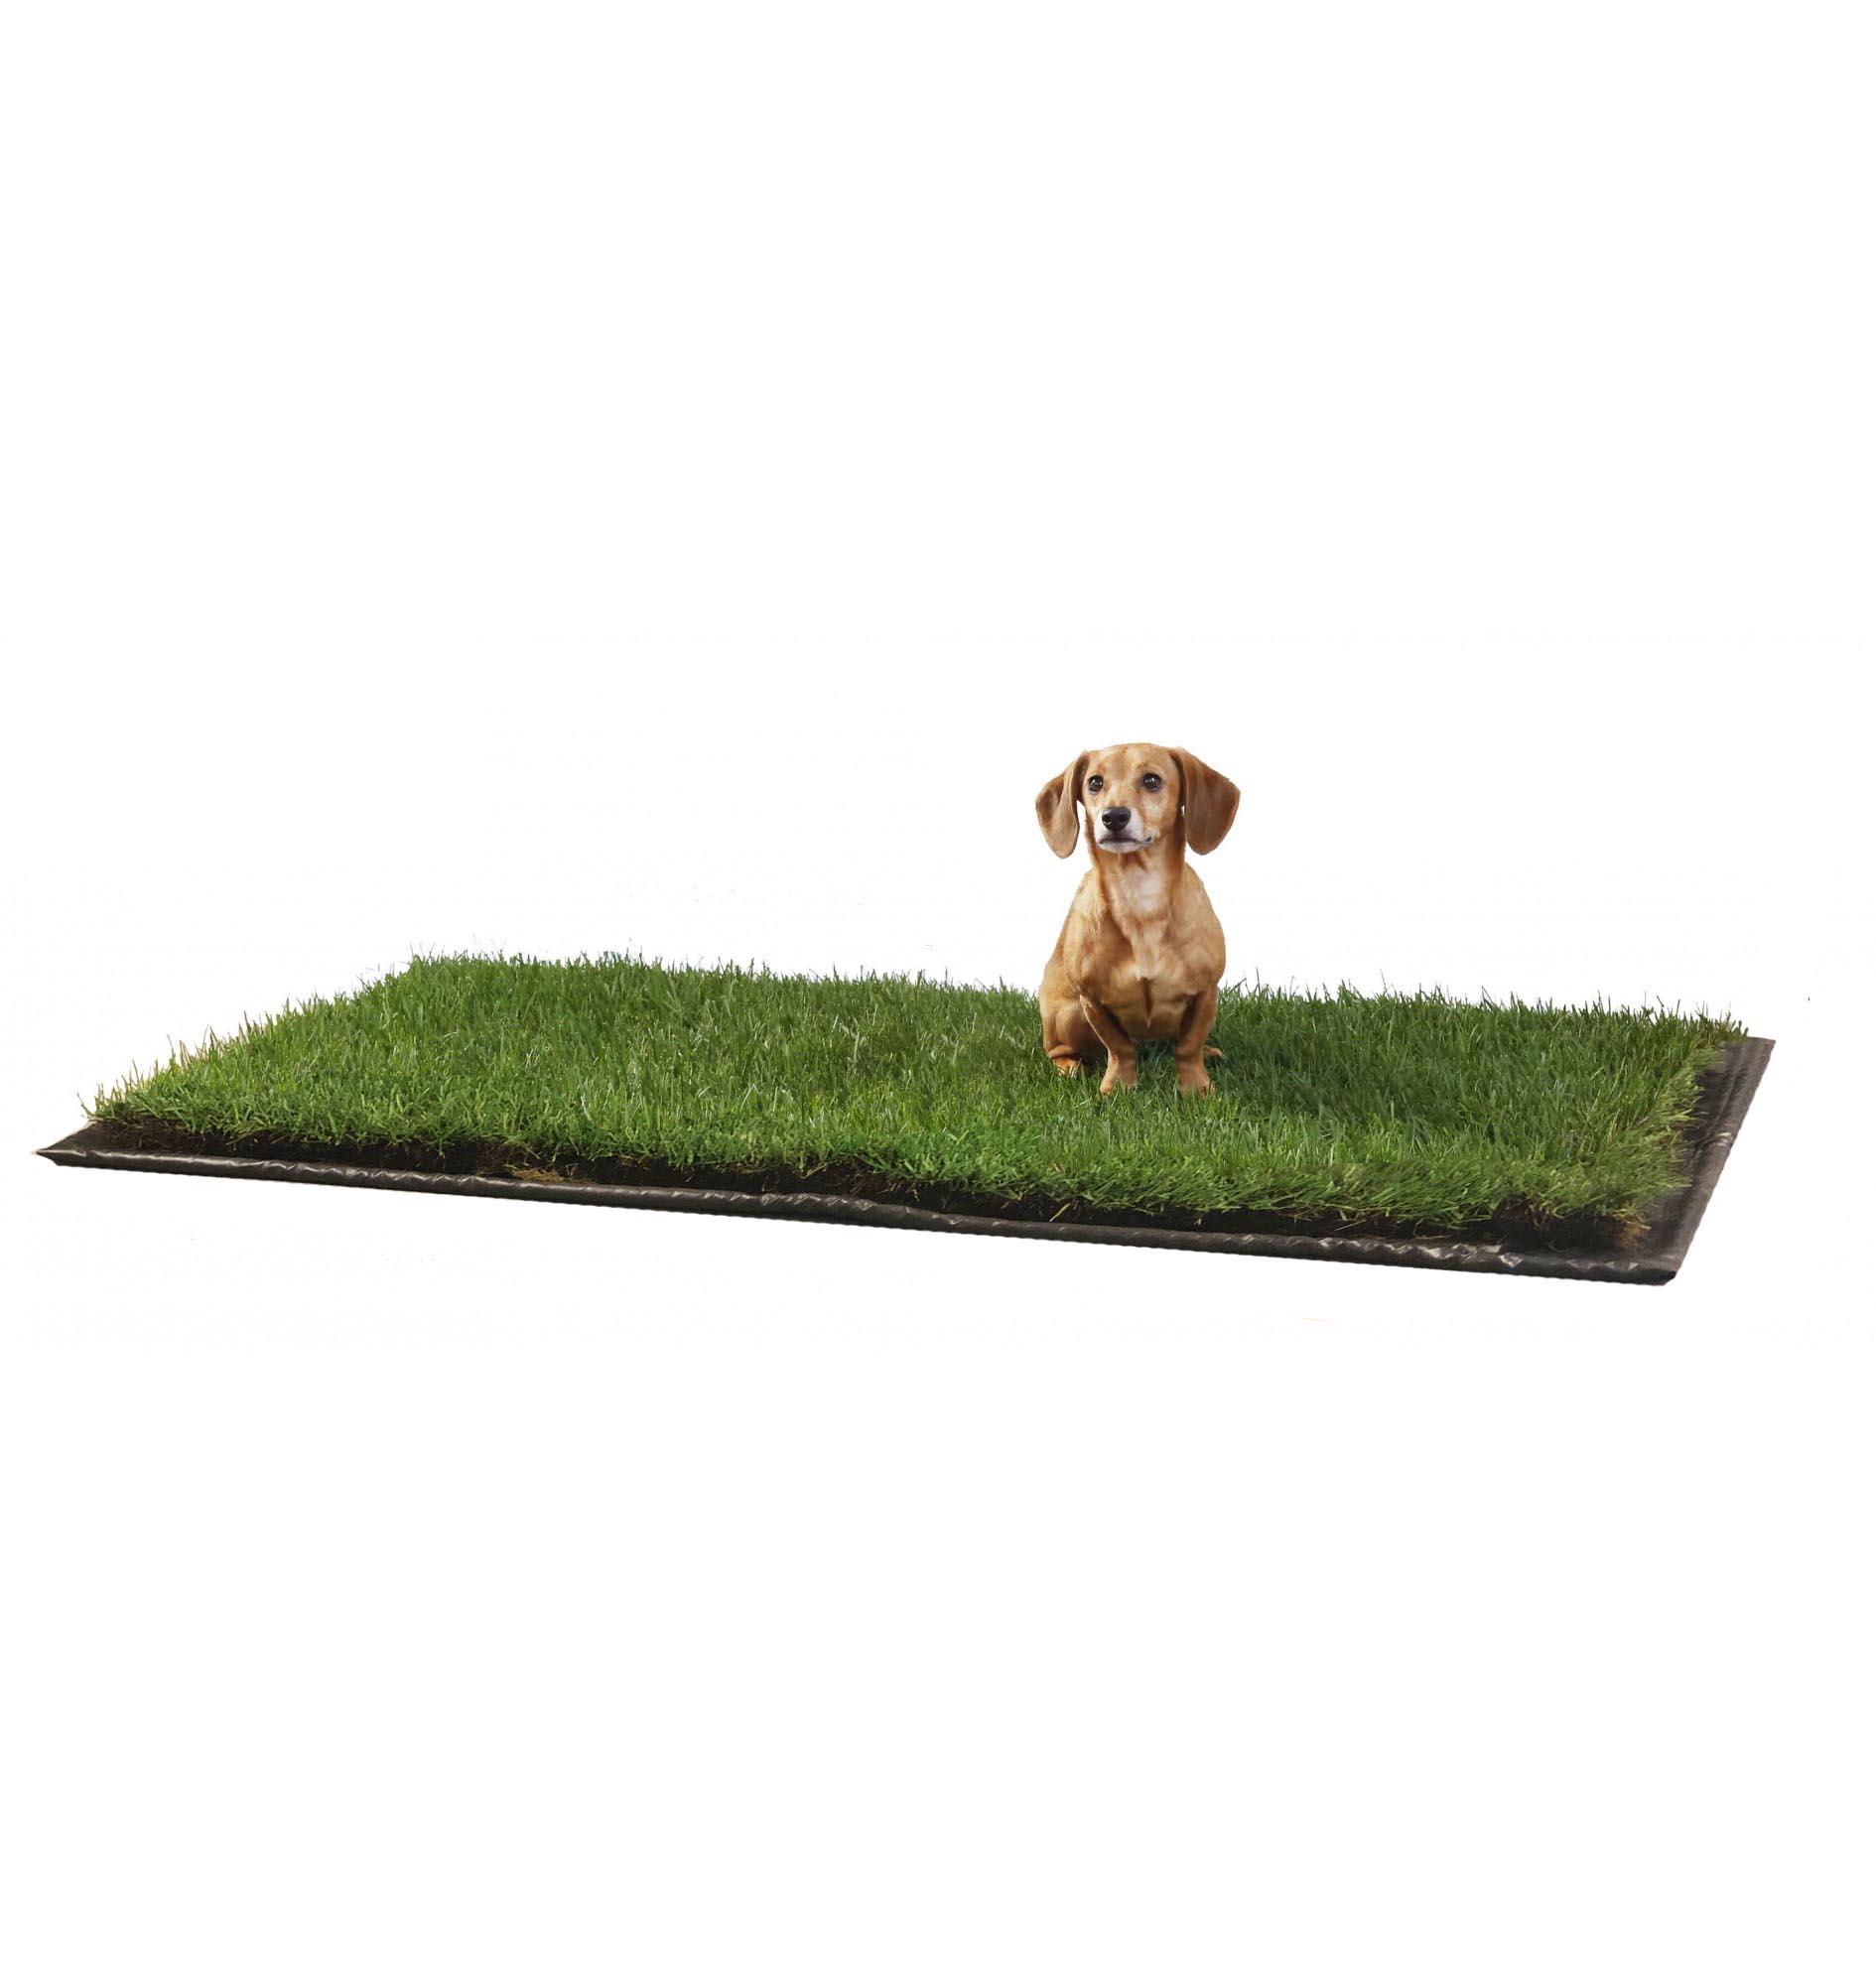 XL DoggieLawn FLEX-TRAY